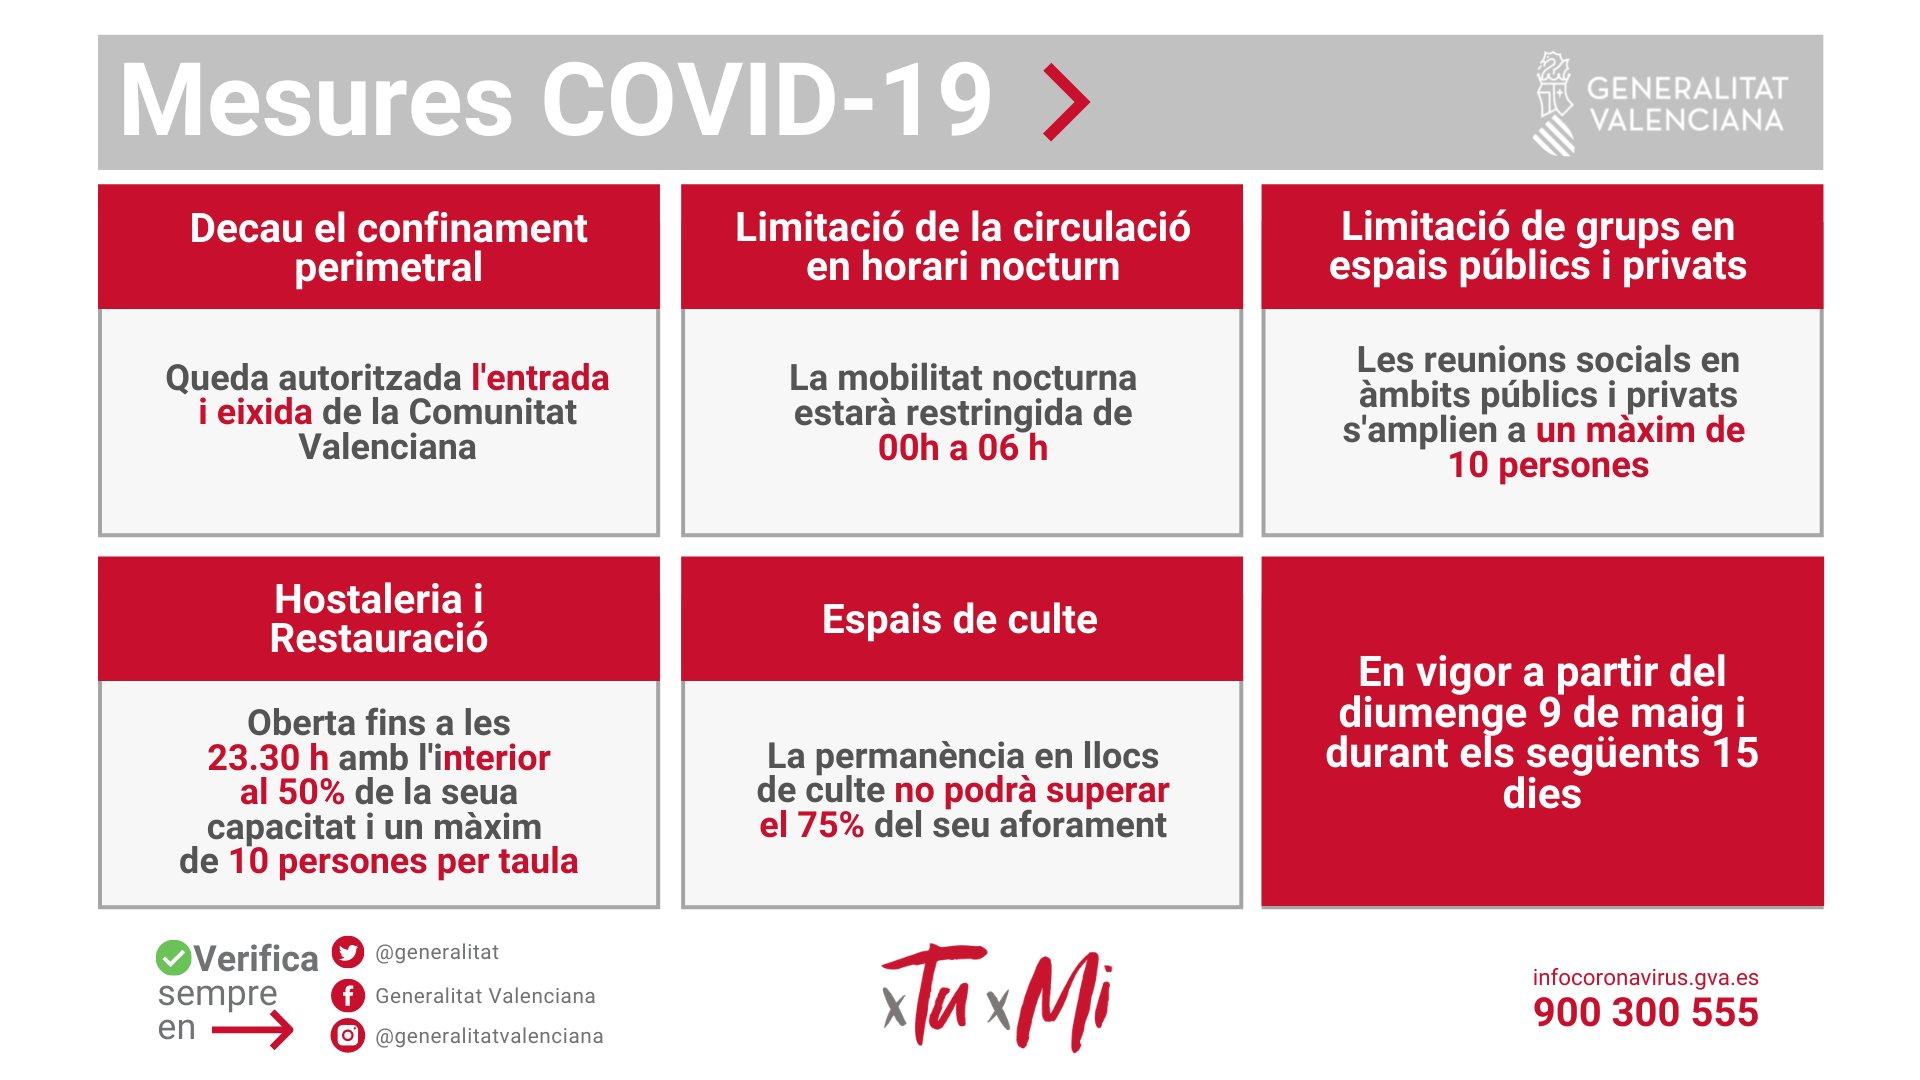 Mesures aprovades per la Generalitat davant la CovId19